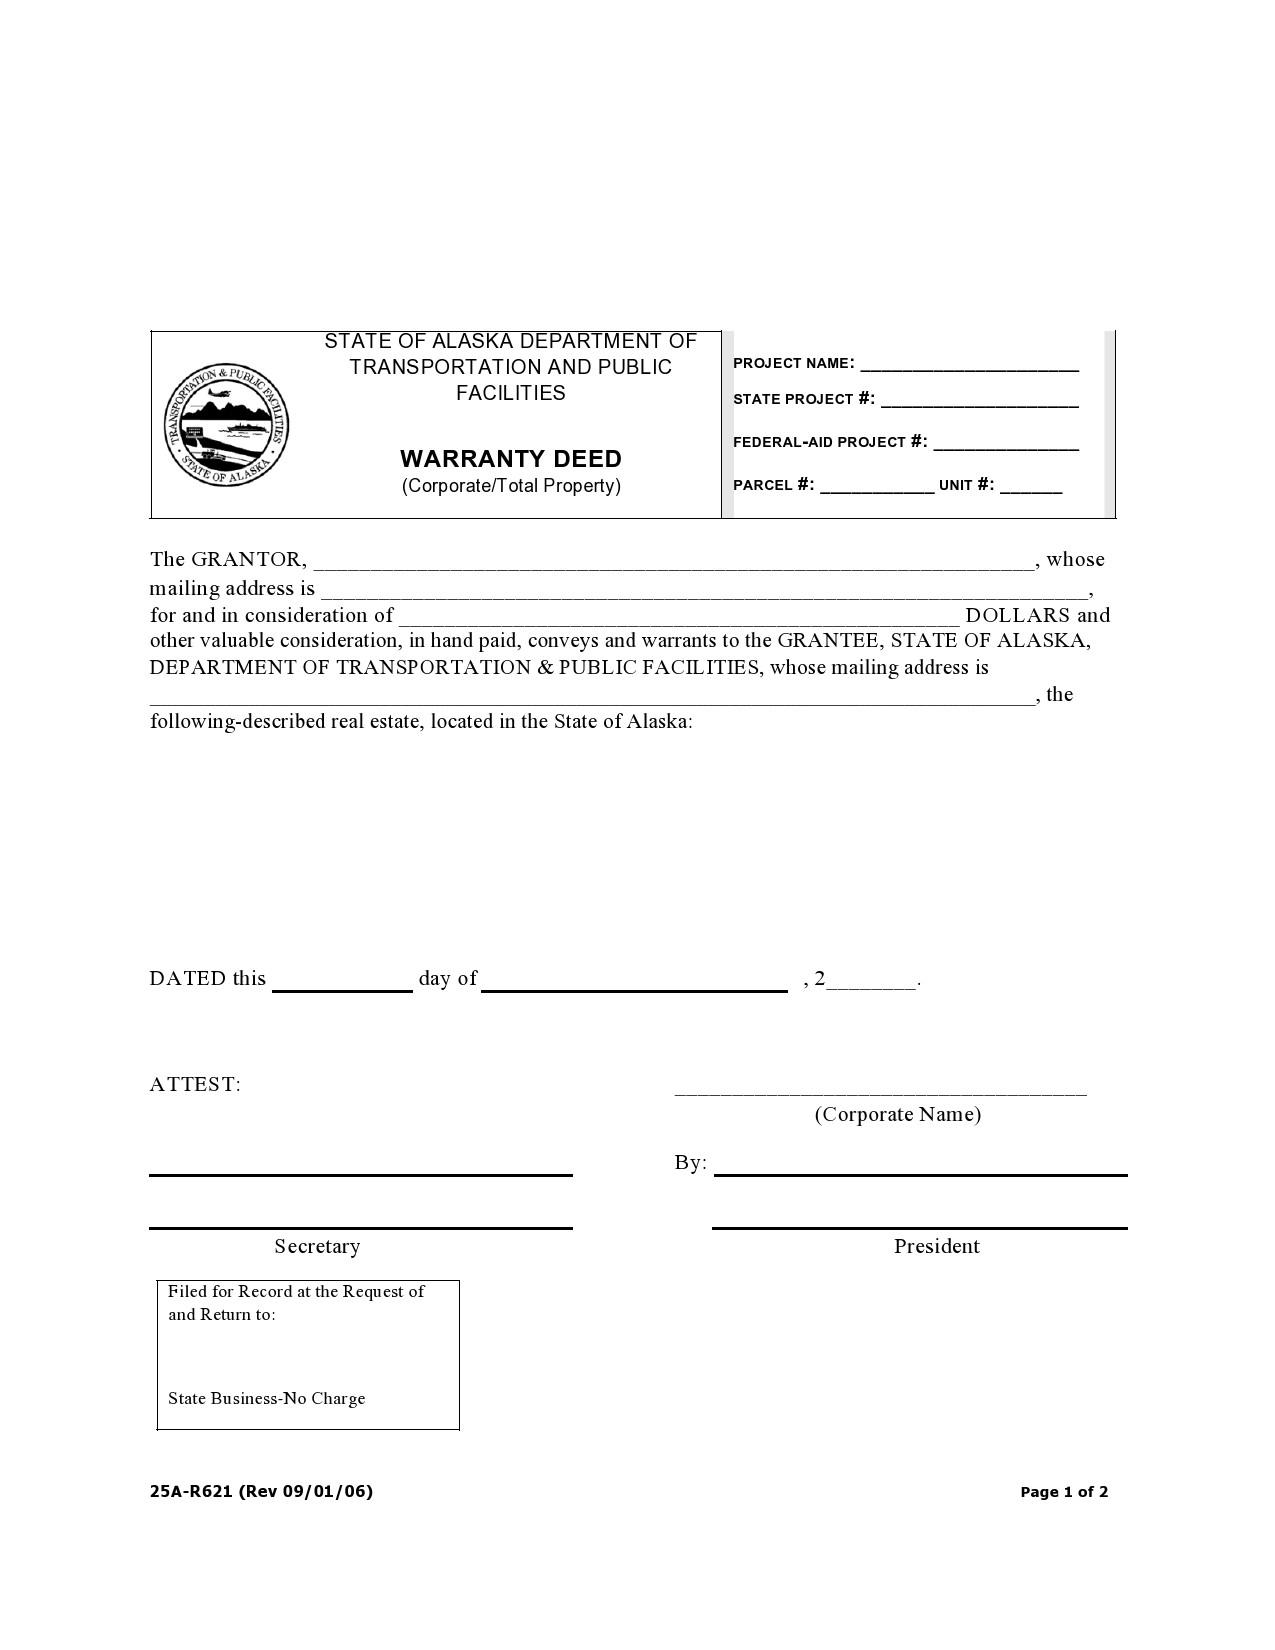 Free warranty deed form 31